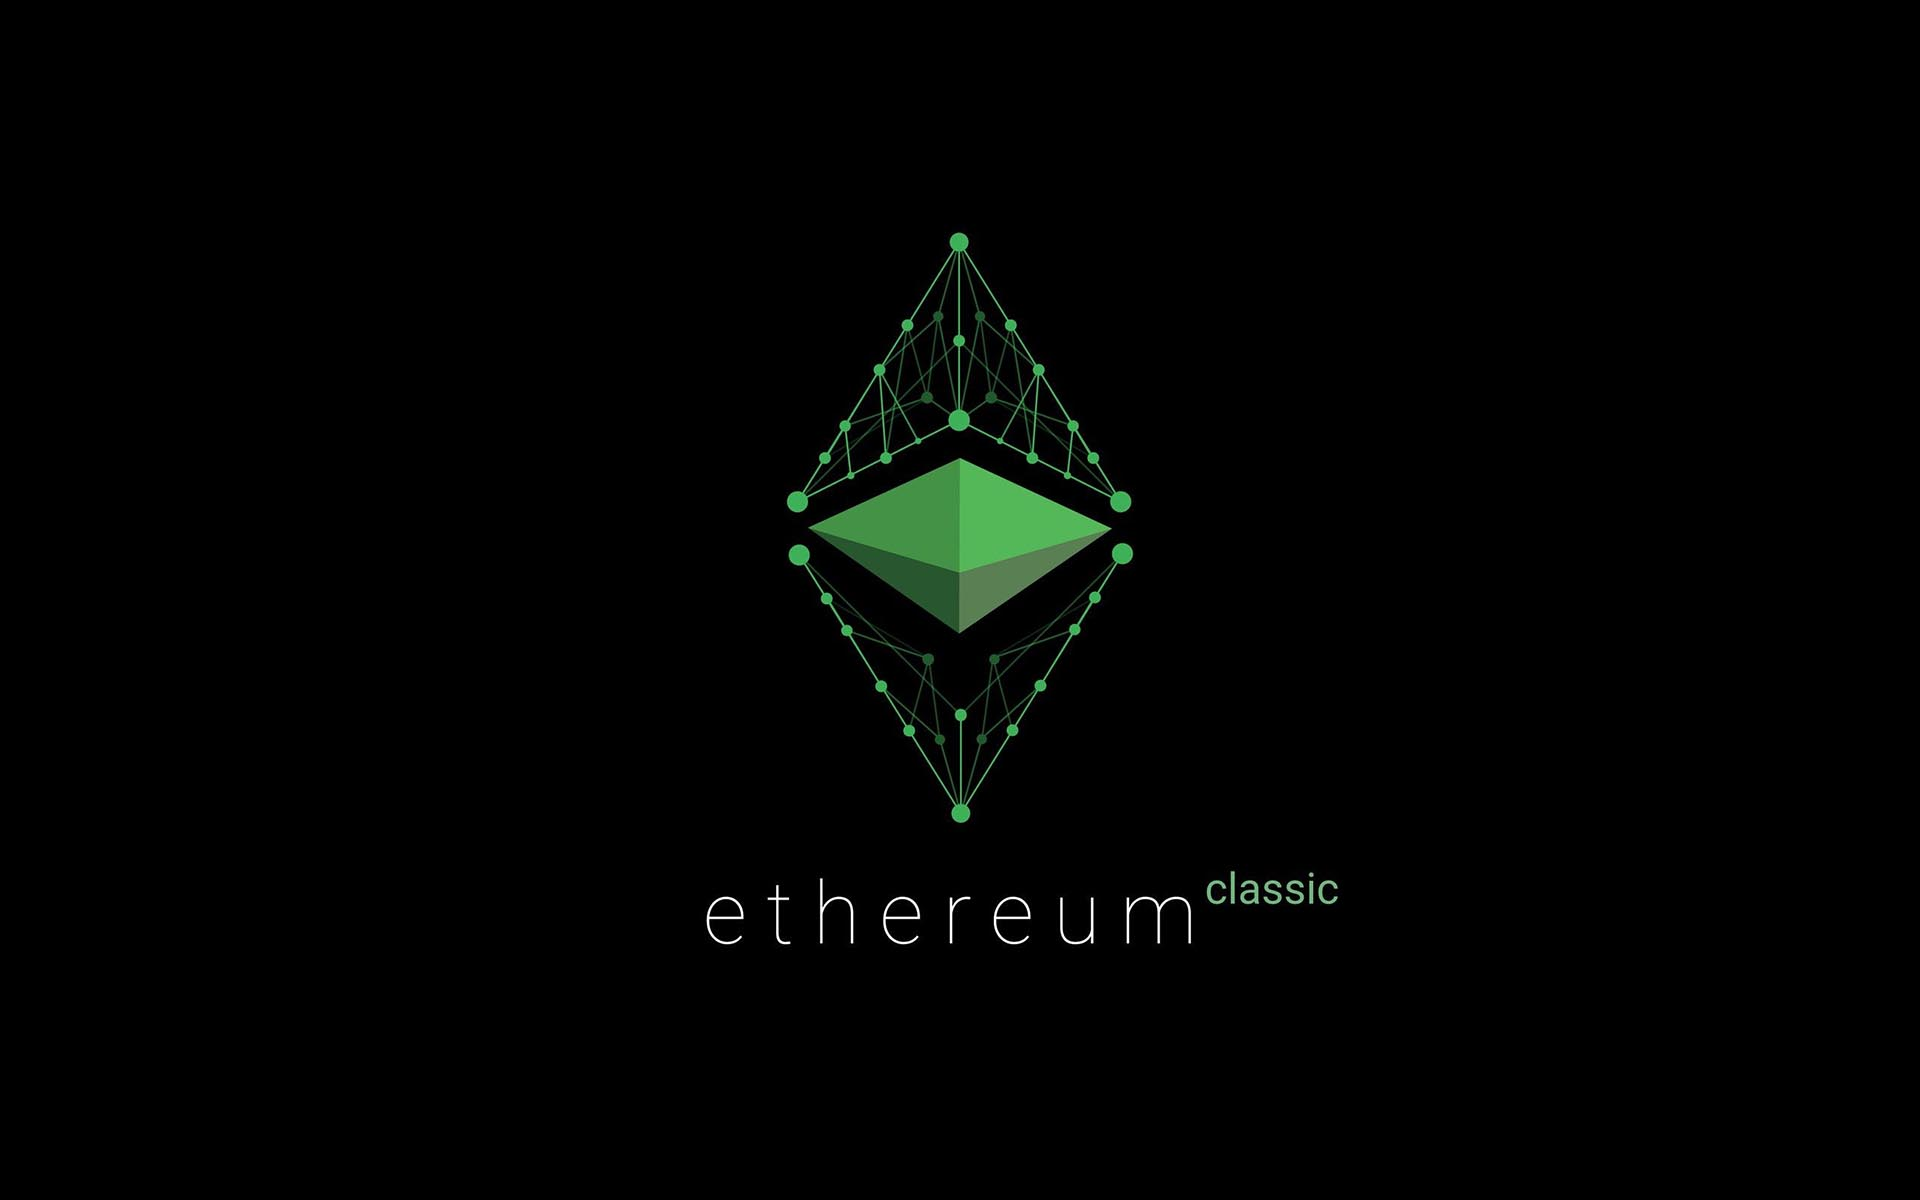 giá bitcoin: So sánh Ethereum (ETH) và Ethereum Classic (ETC) trong năm 2019